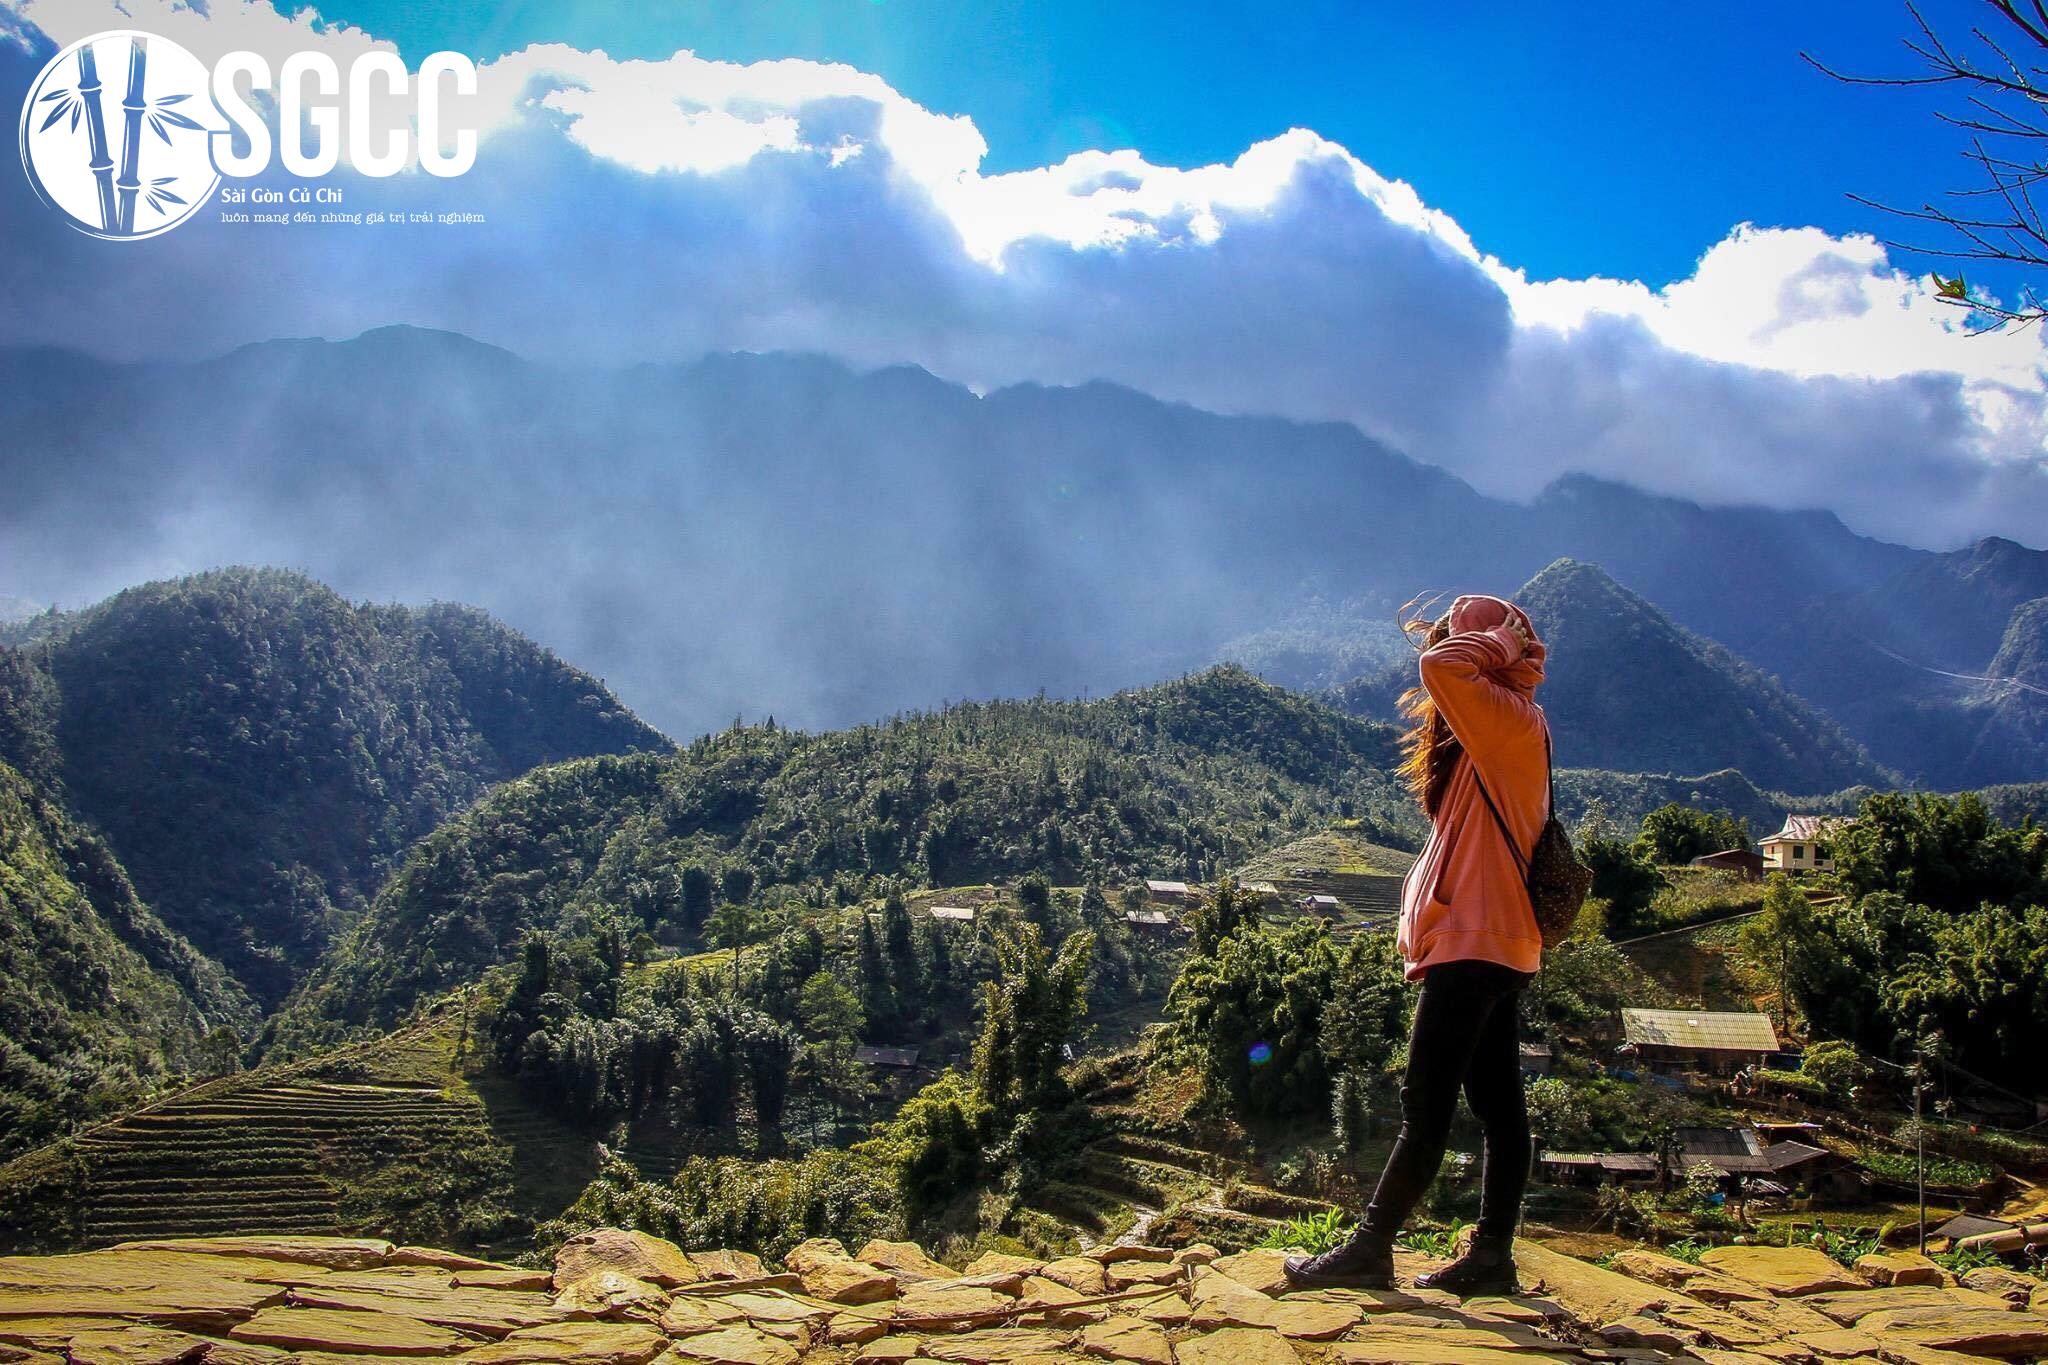 Du lịch Sapa - Tham quan bản Cát Cát - Ngôi làng đẹp nhất núi rừng